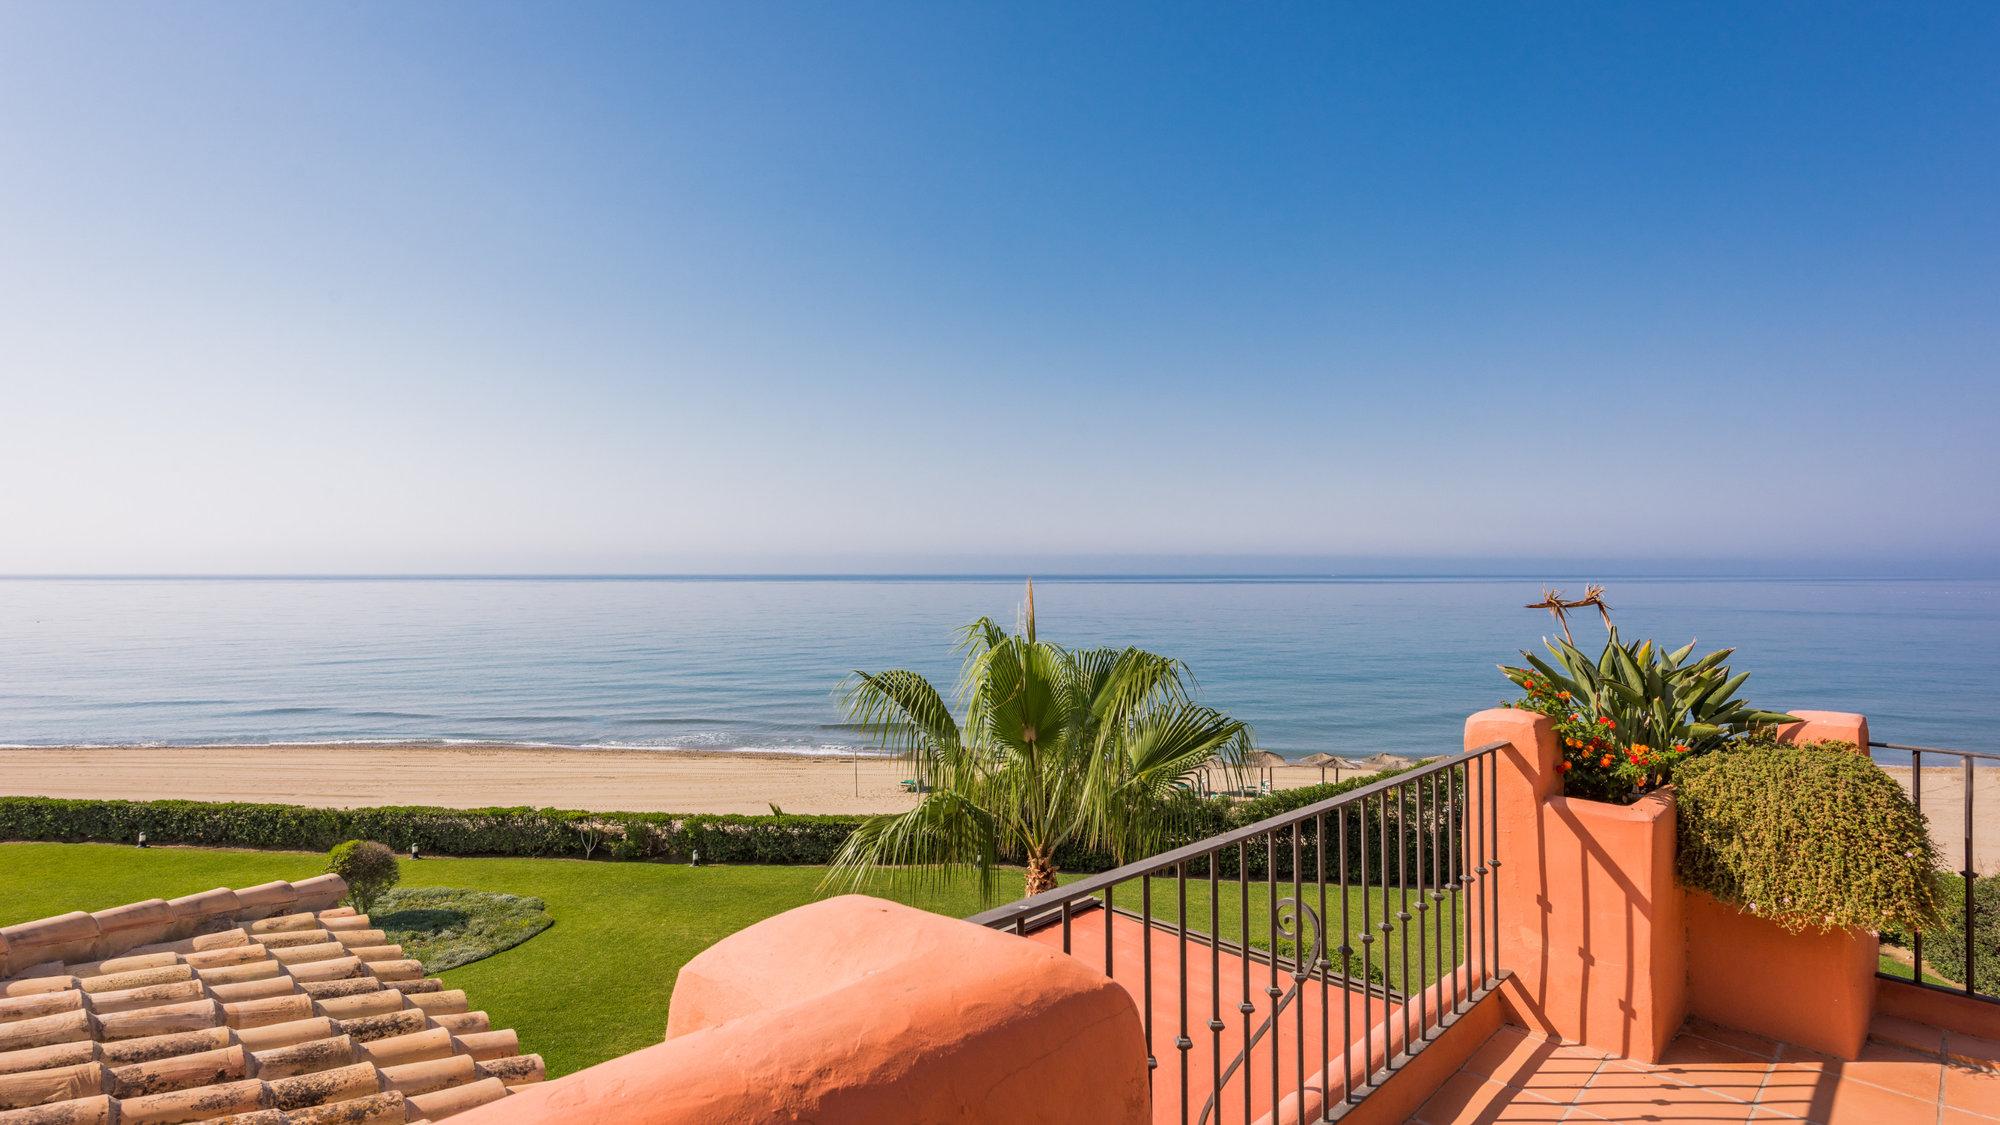 Penthouse for sale in Marbella, La Morera